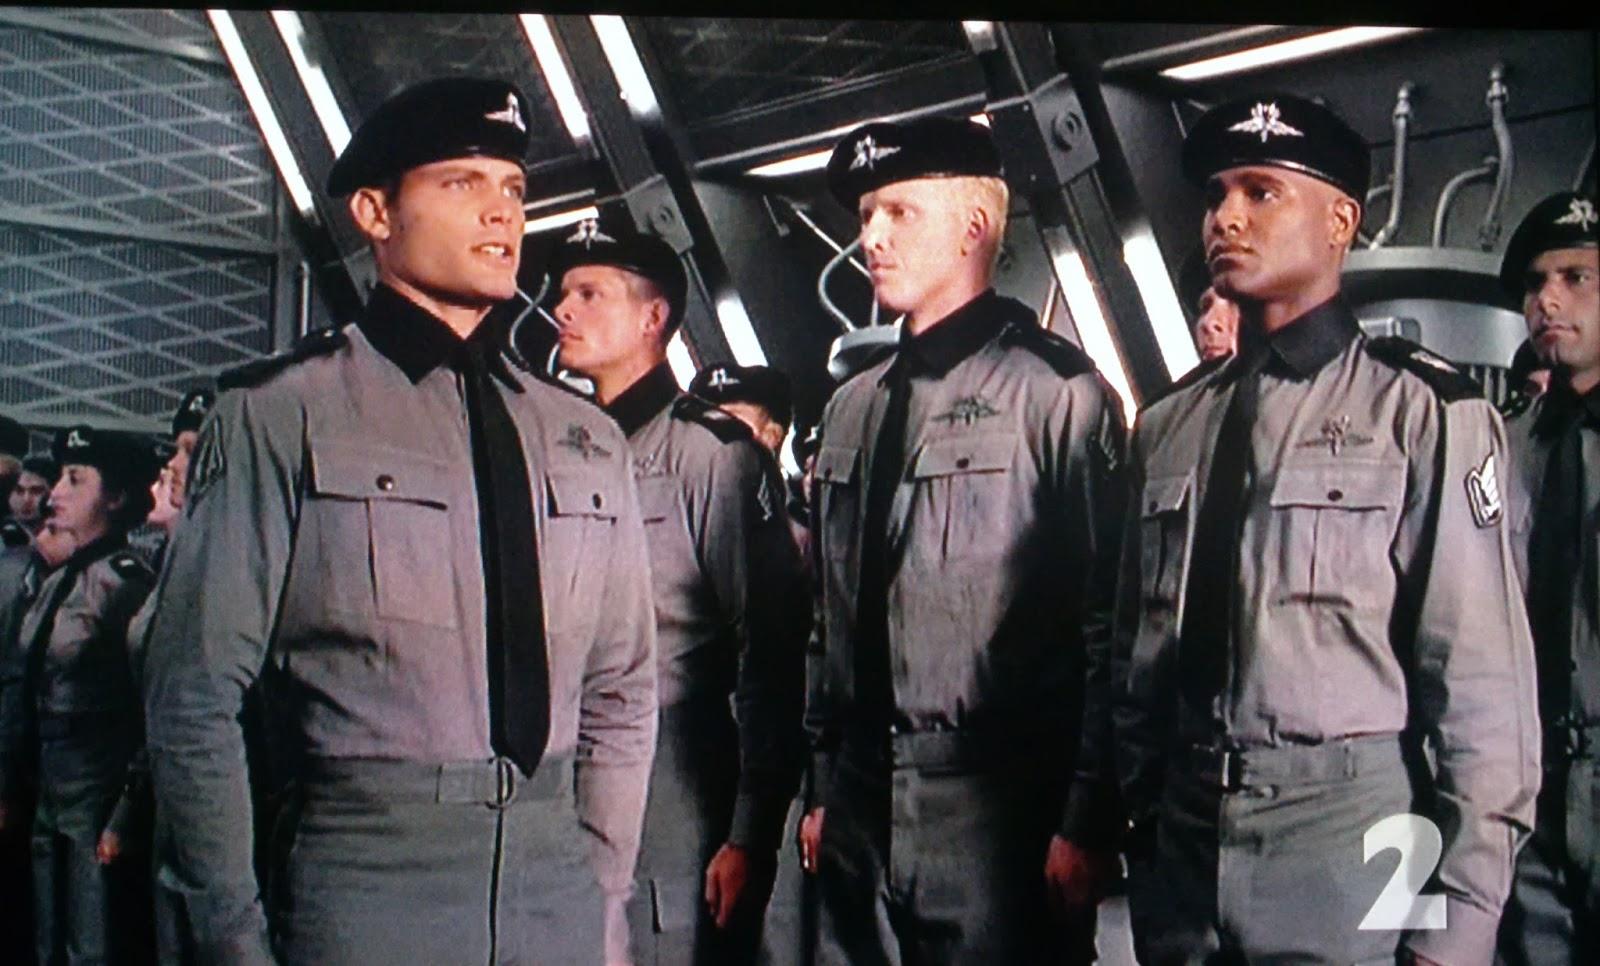 Casper Van Dien as Johnny Rico in Starship Troopers (1997)